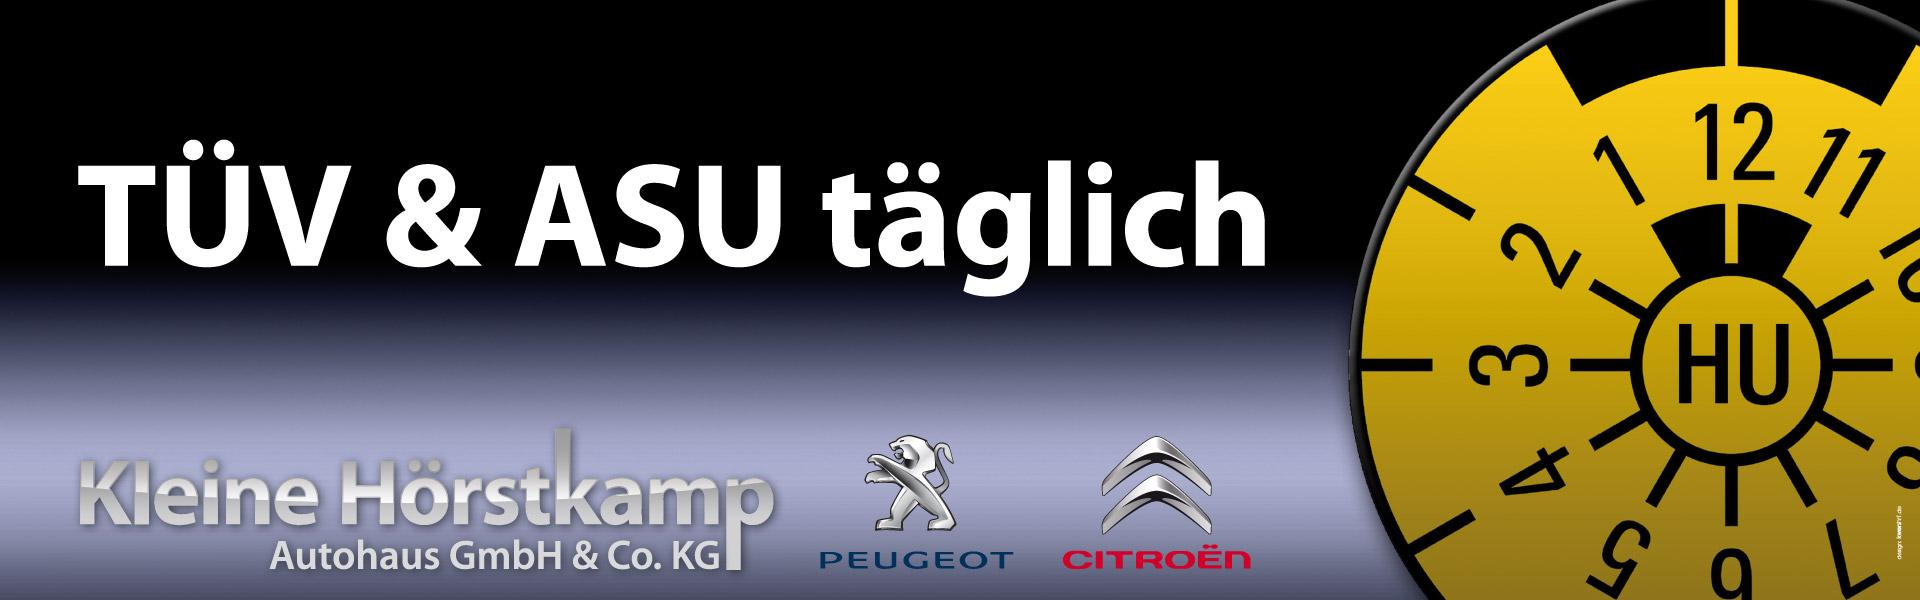 Banner_Kleine-Hörstkamp_TÜV